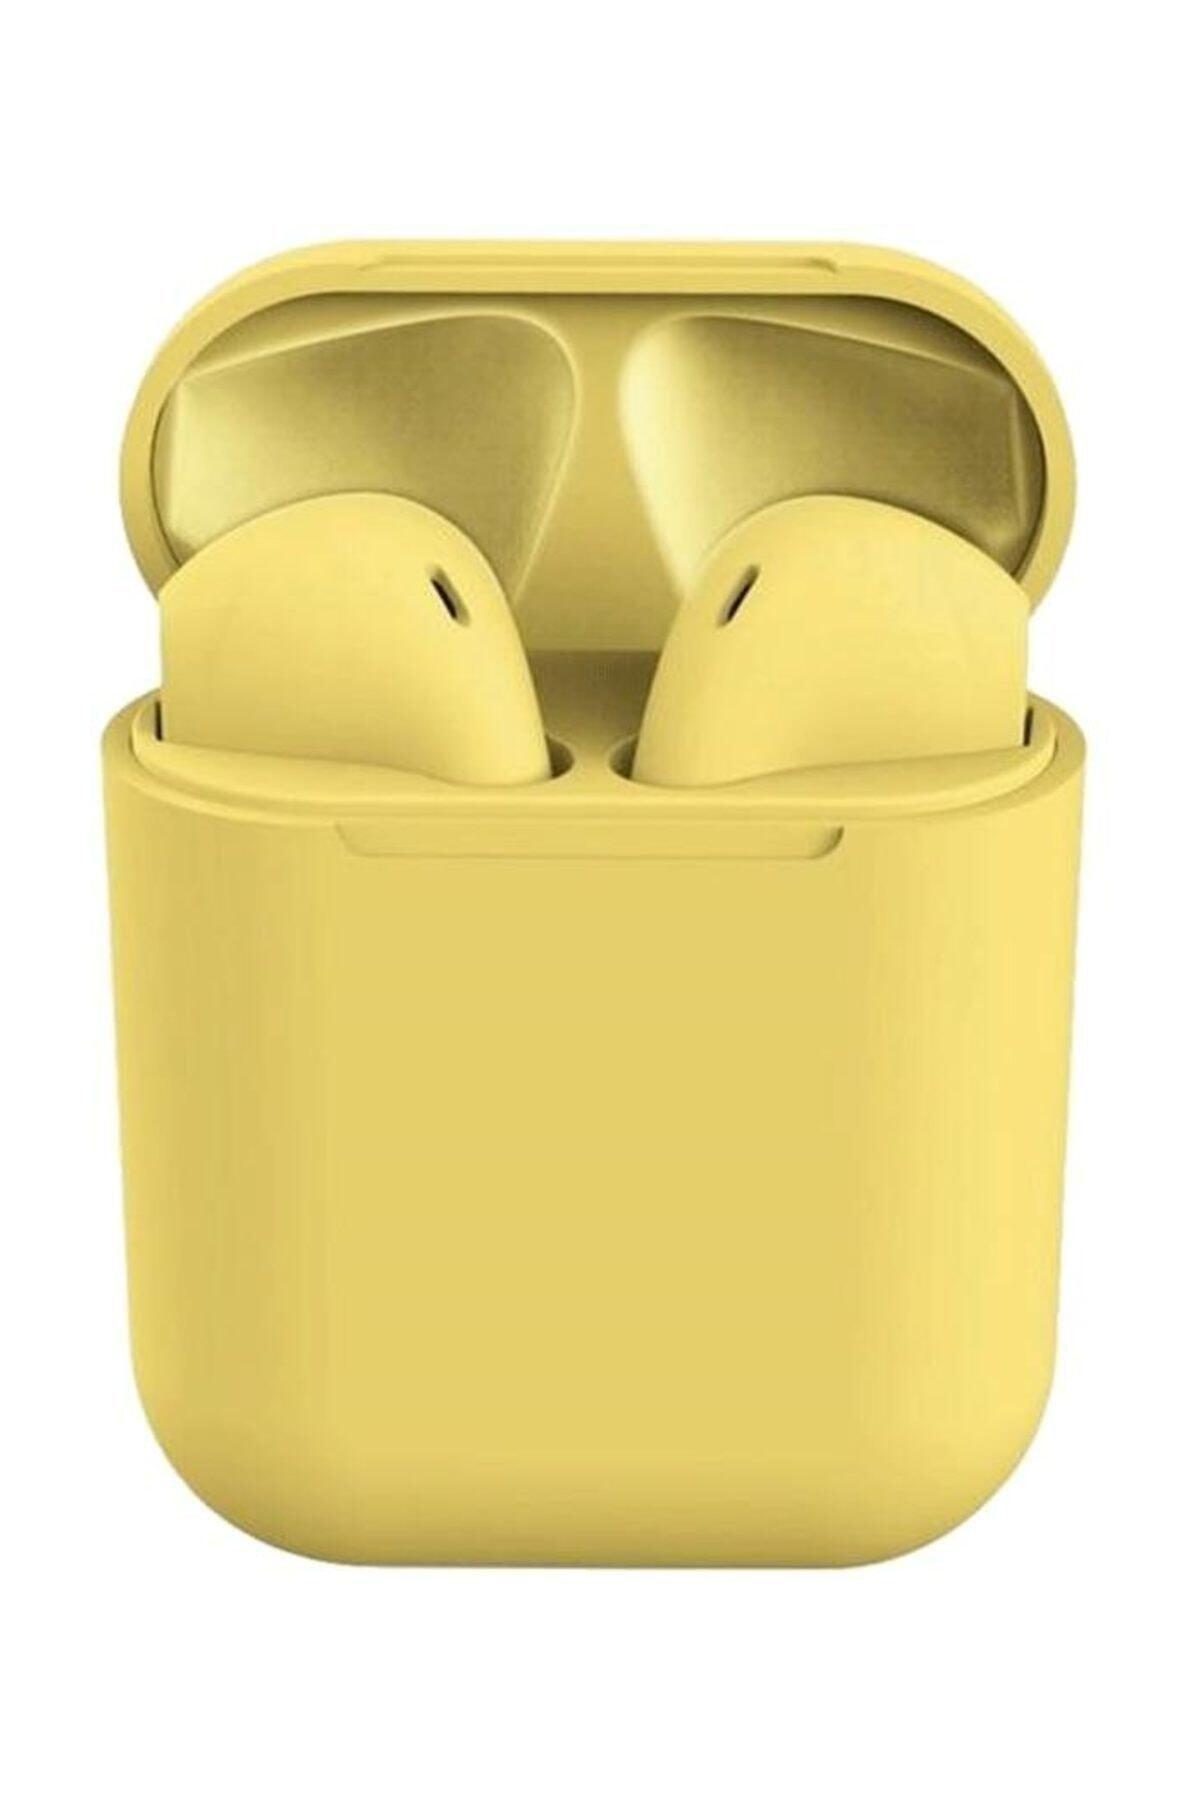 I12 Sarı Iphone Android Universal Bluetooth Kulaklık Hd Ses Kalitesi